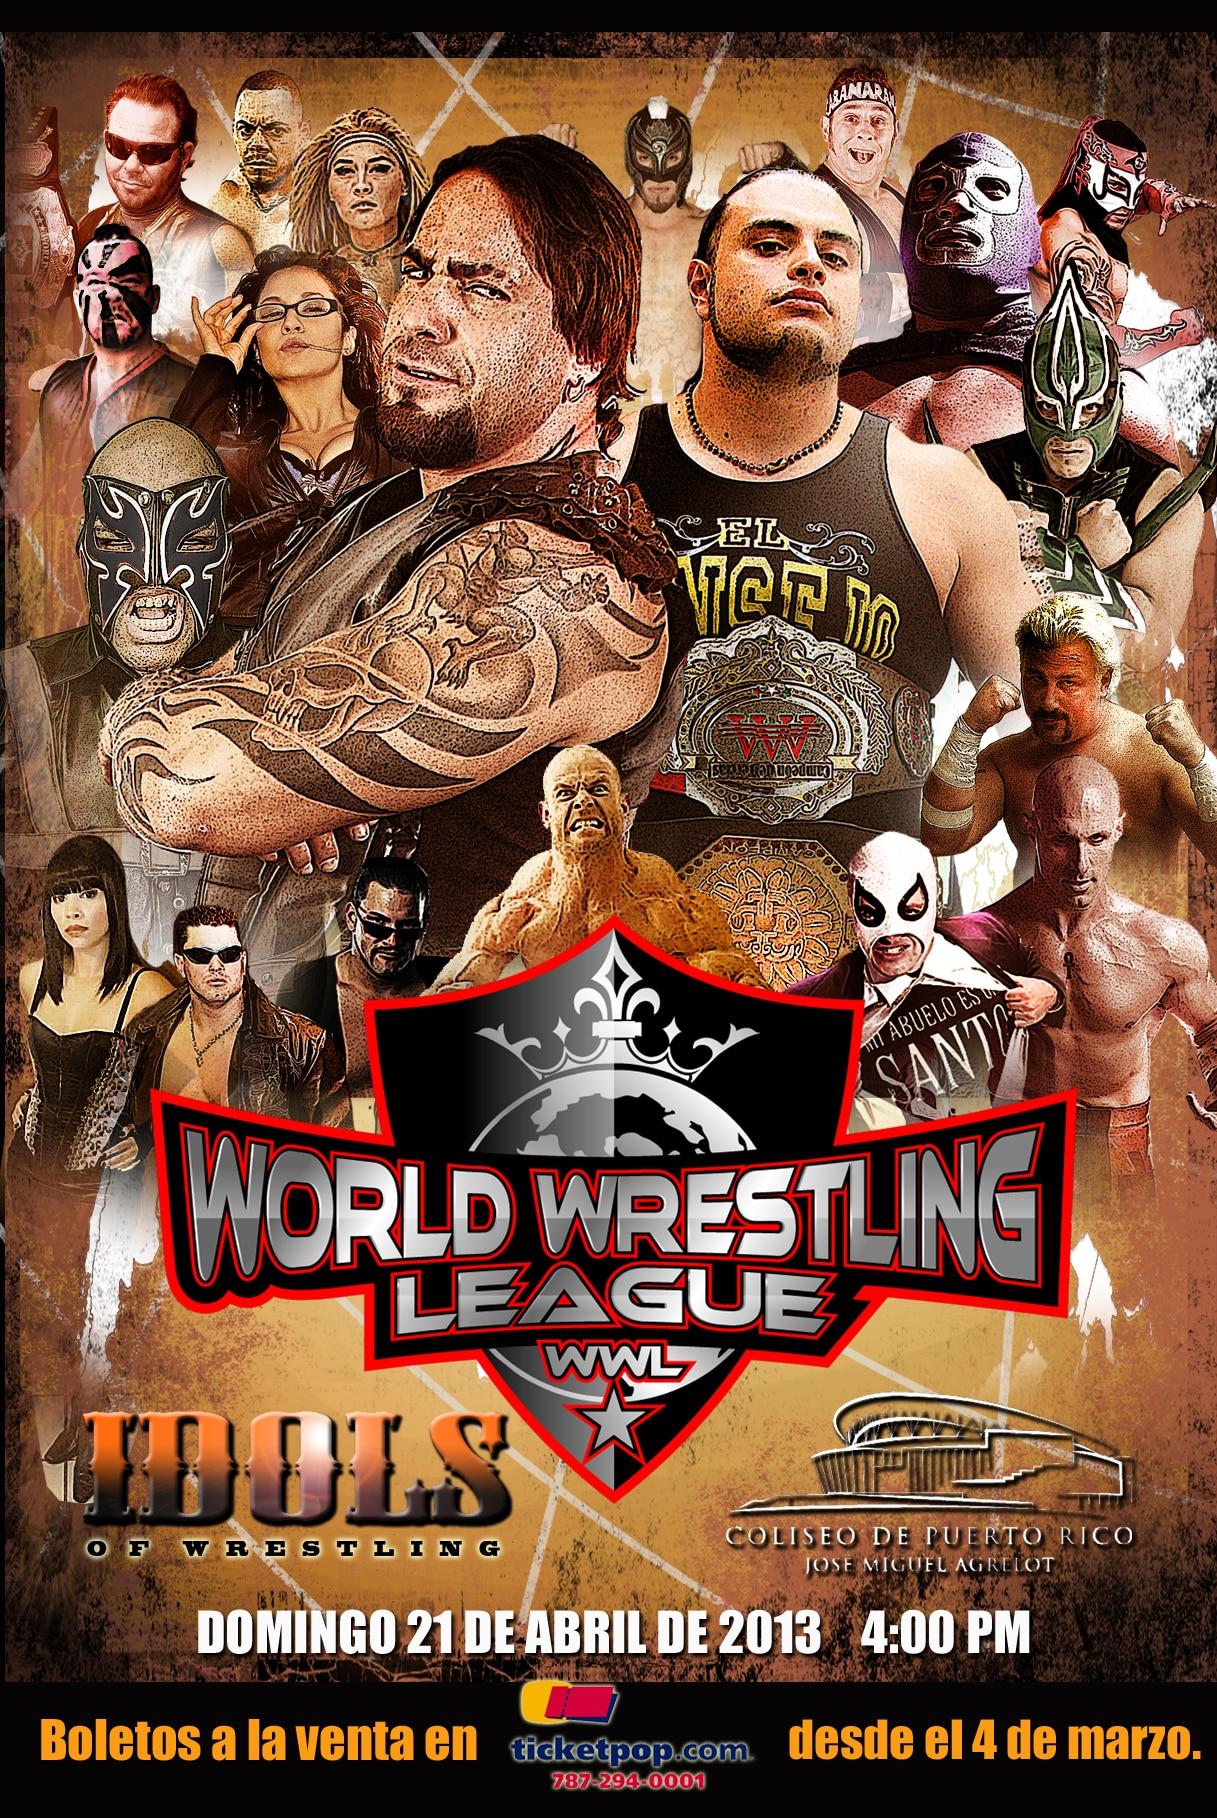 WWL Idols of Wrestling